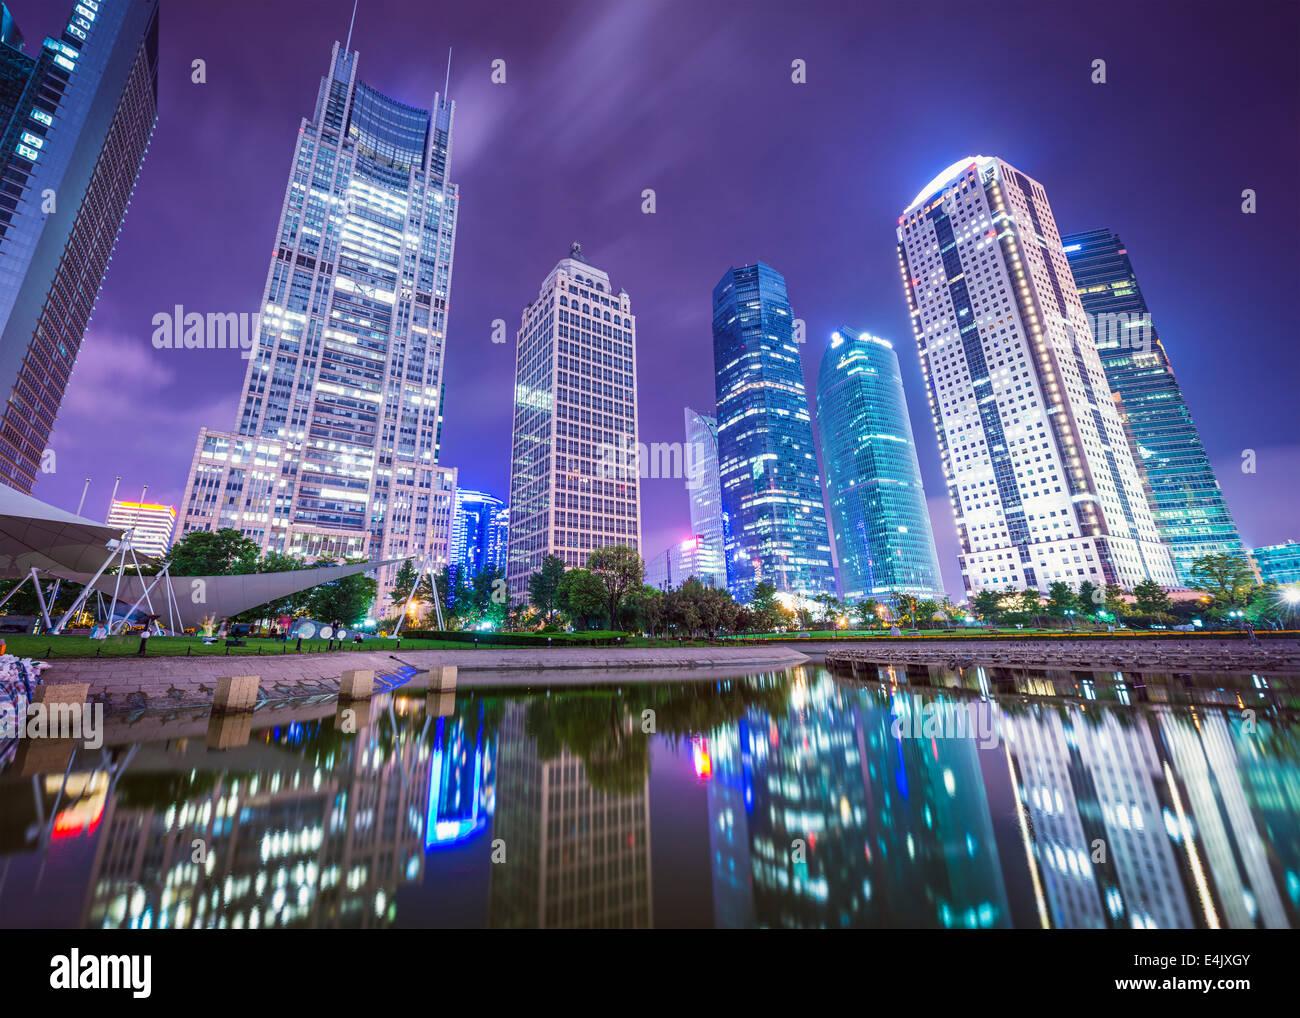 Shanghai, China cityscape from Binjiang Park. - Stock Image